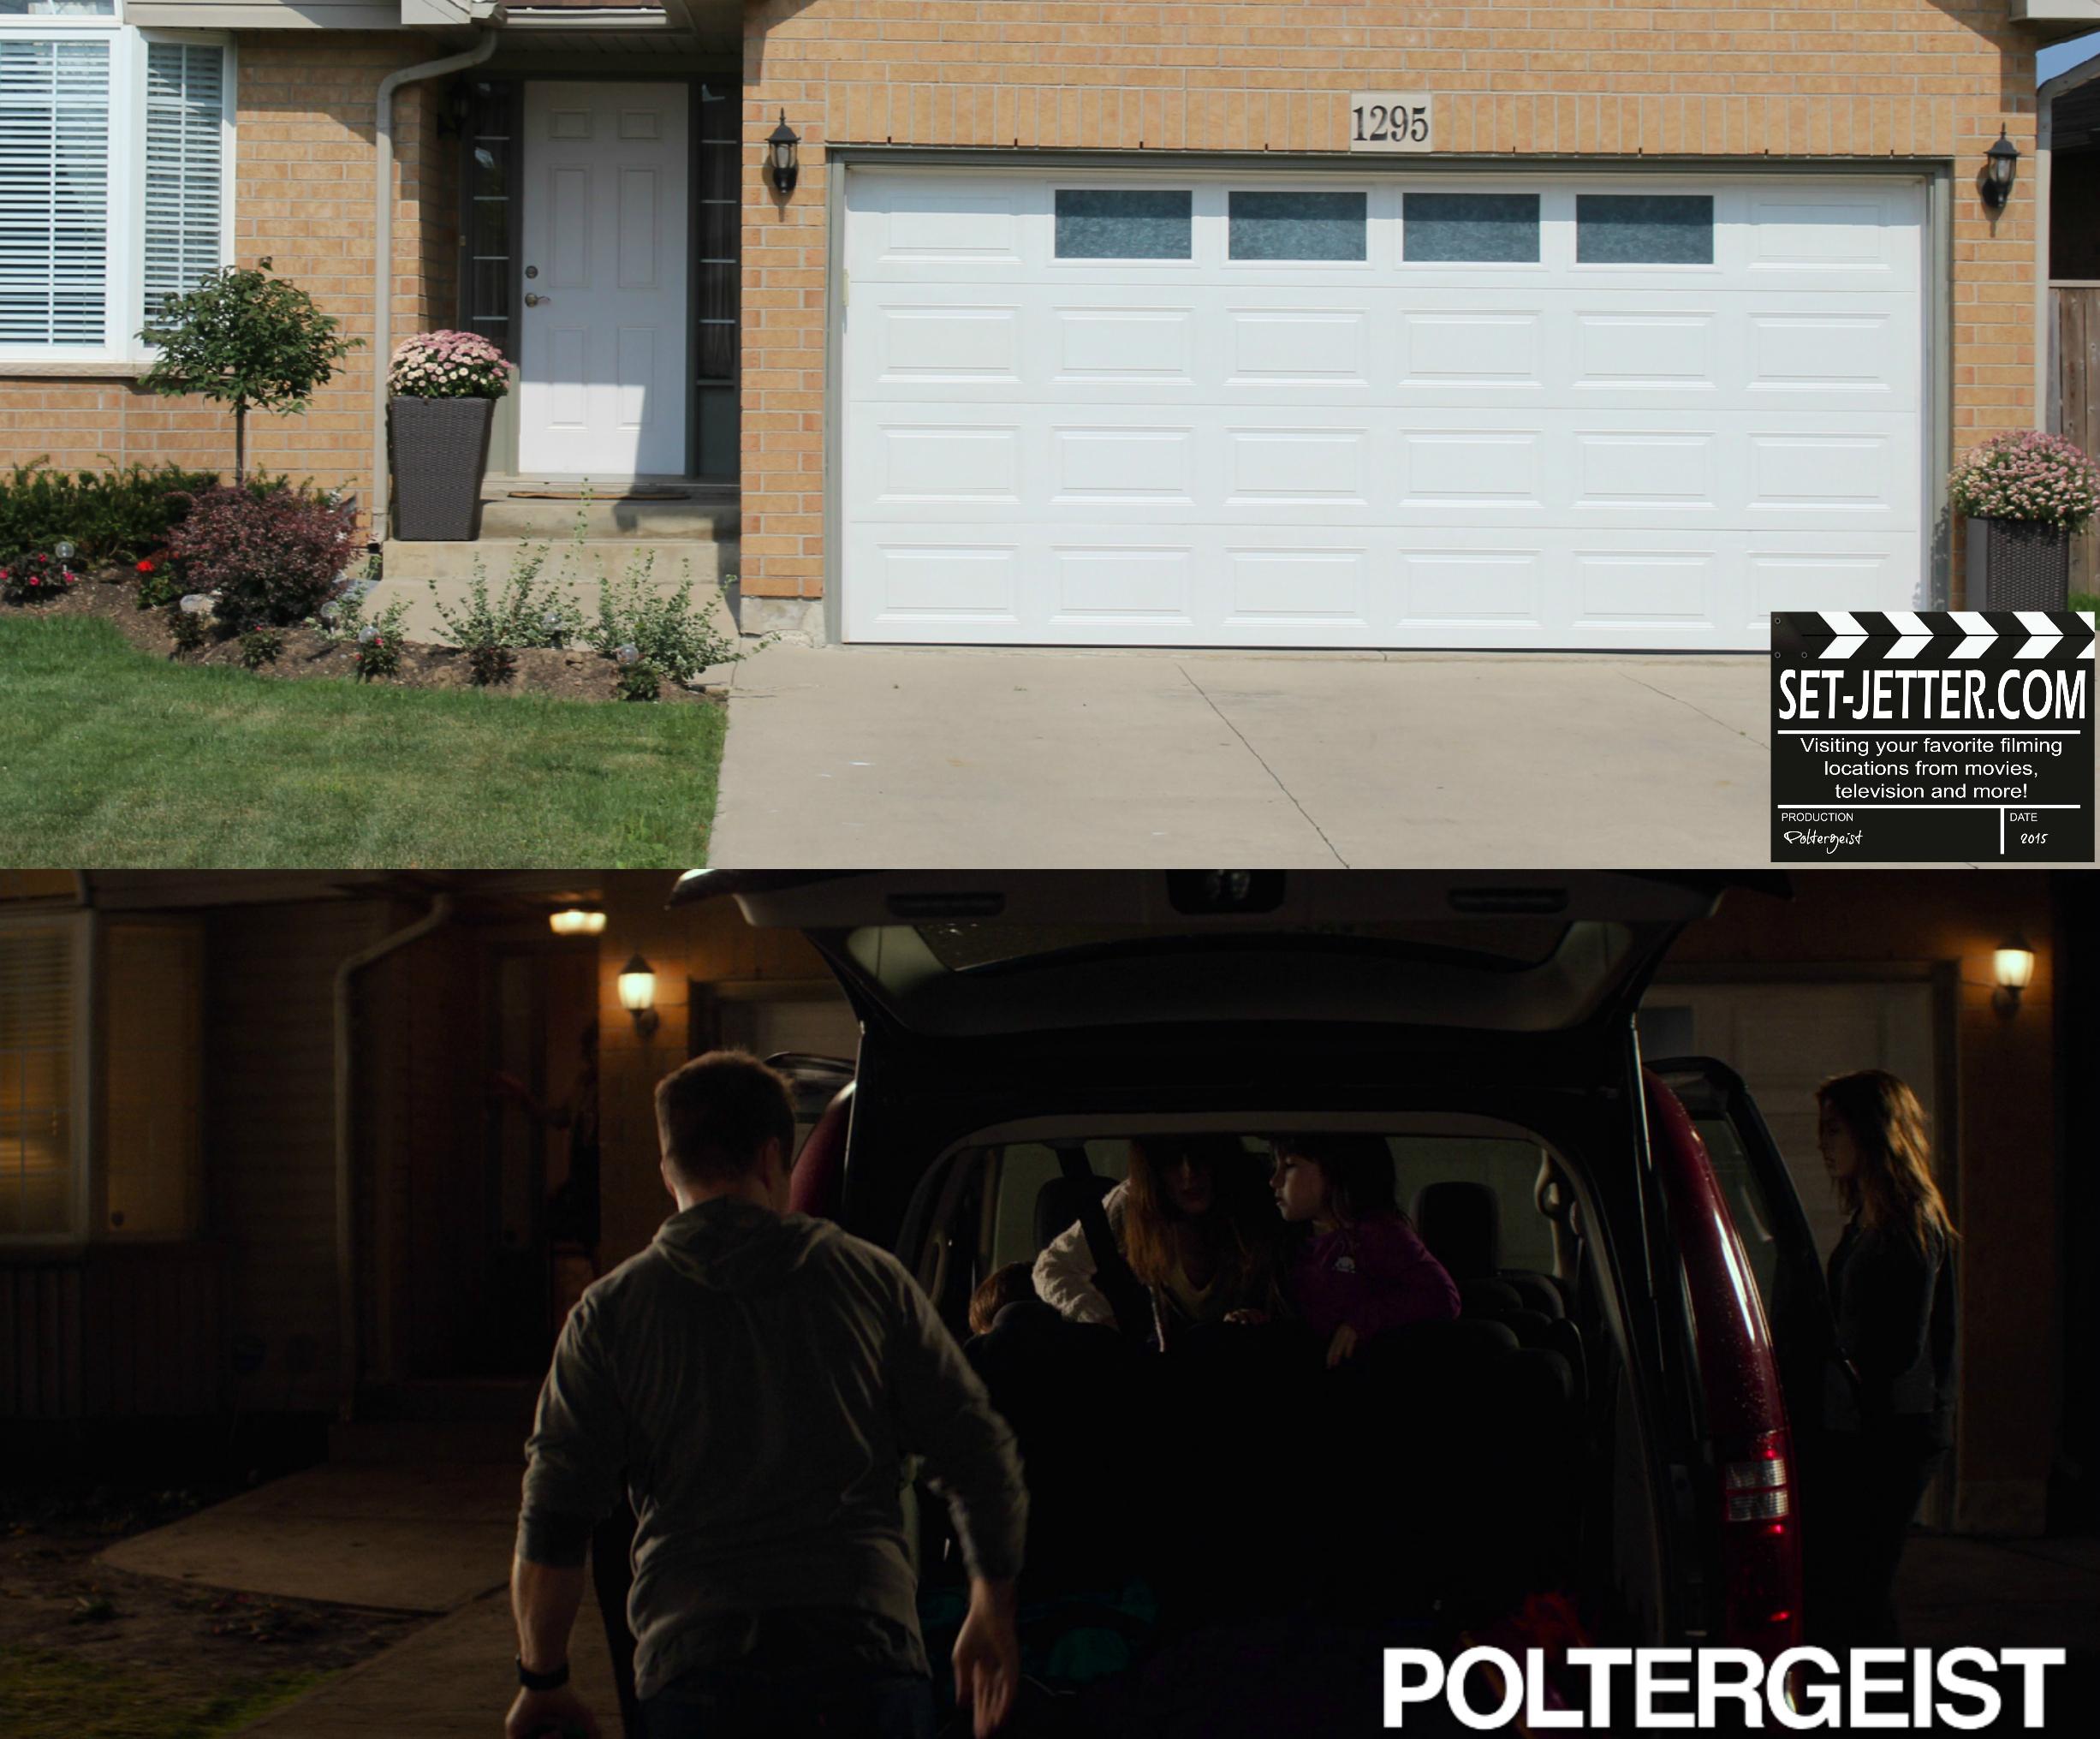 Poltergeist comparison 105.jpg